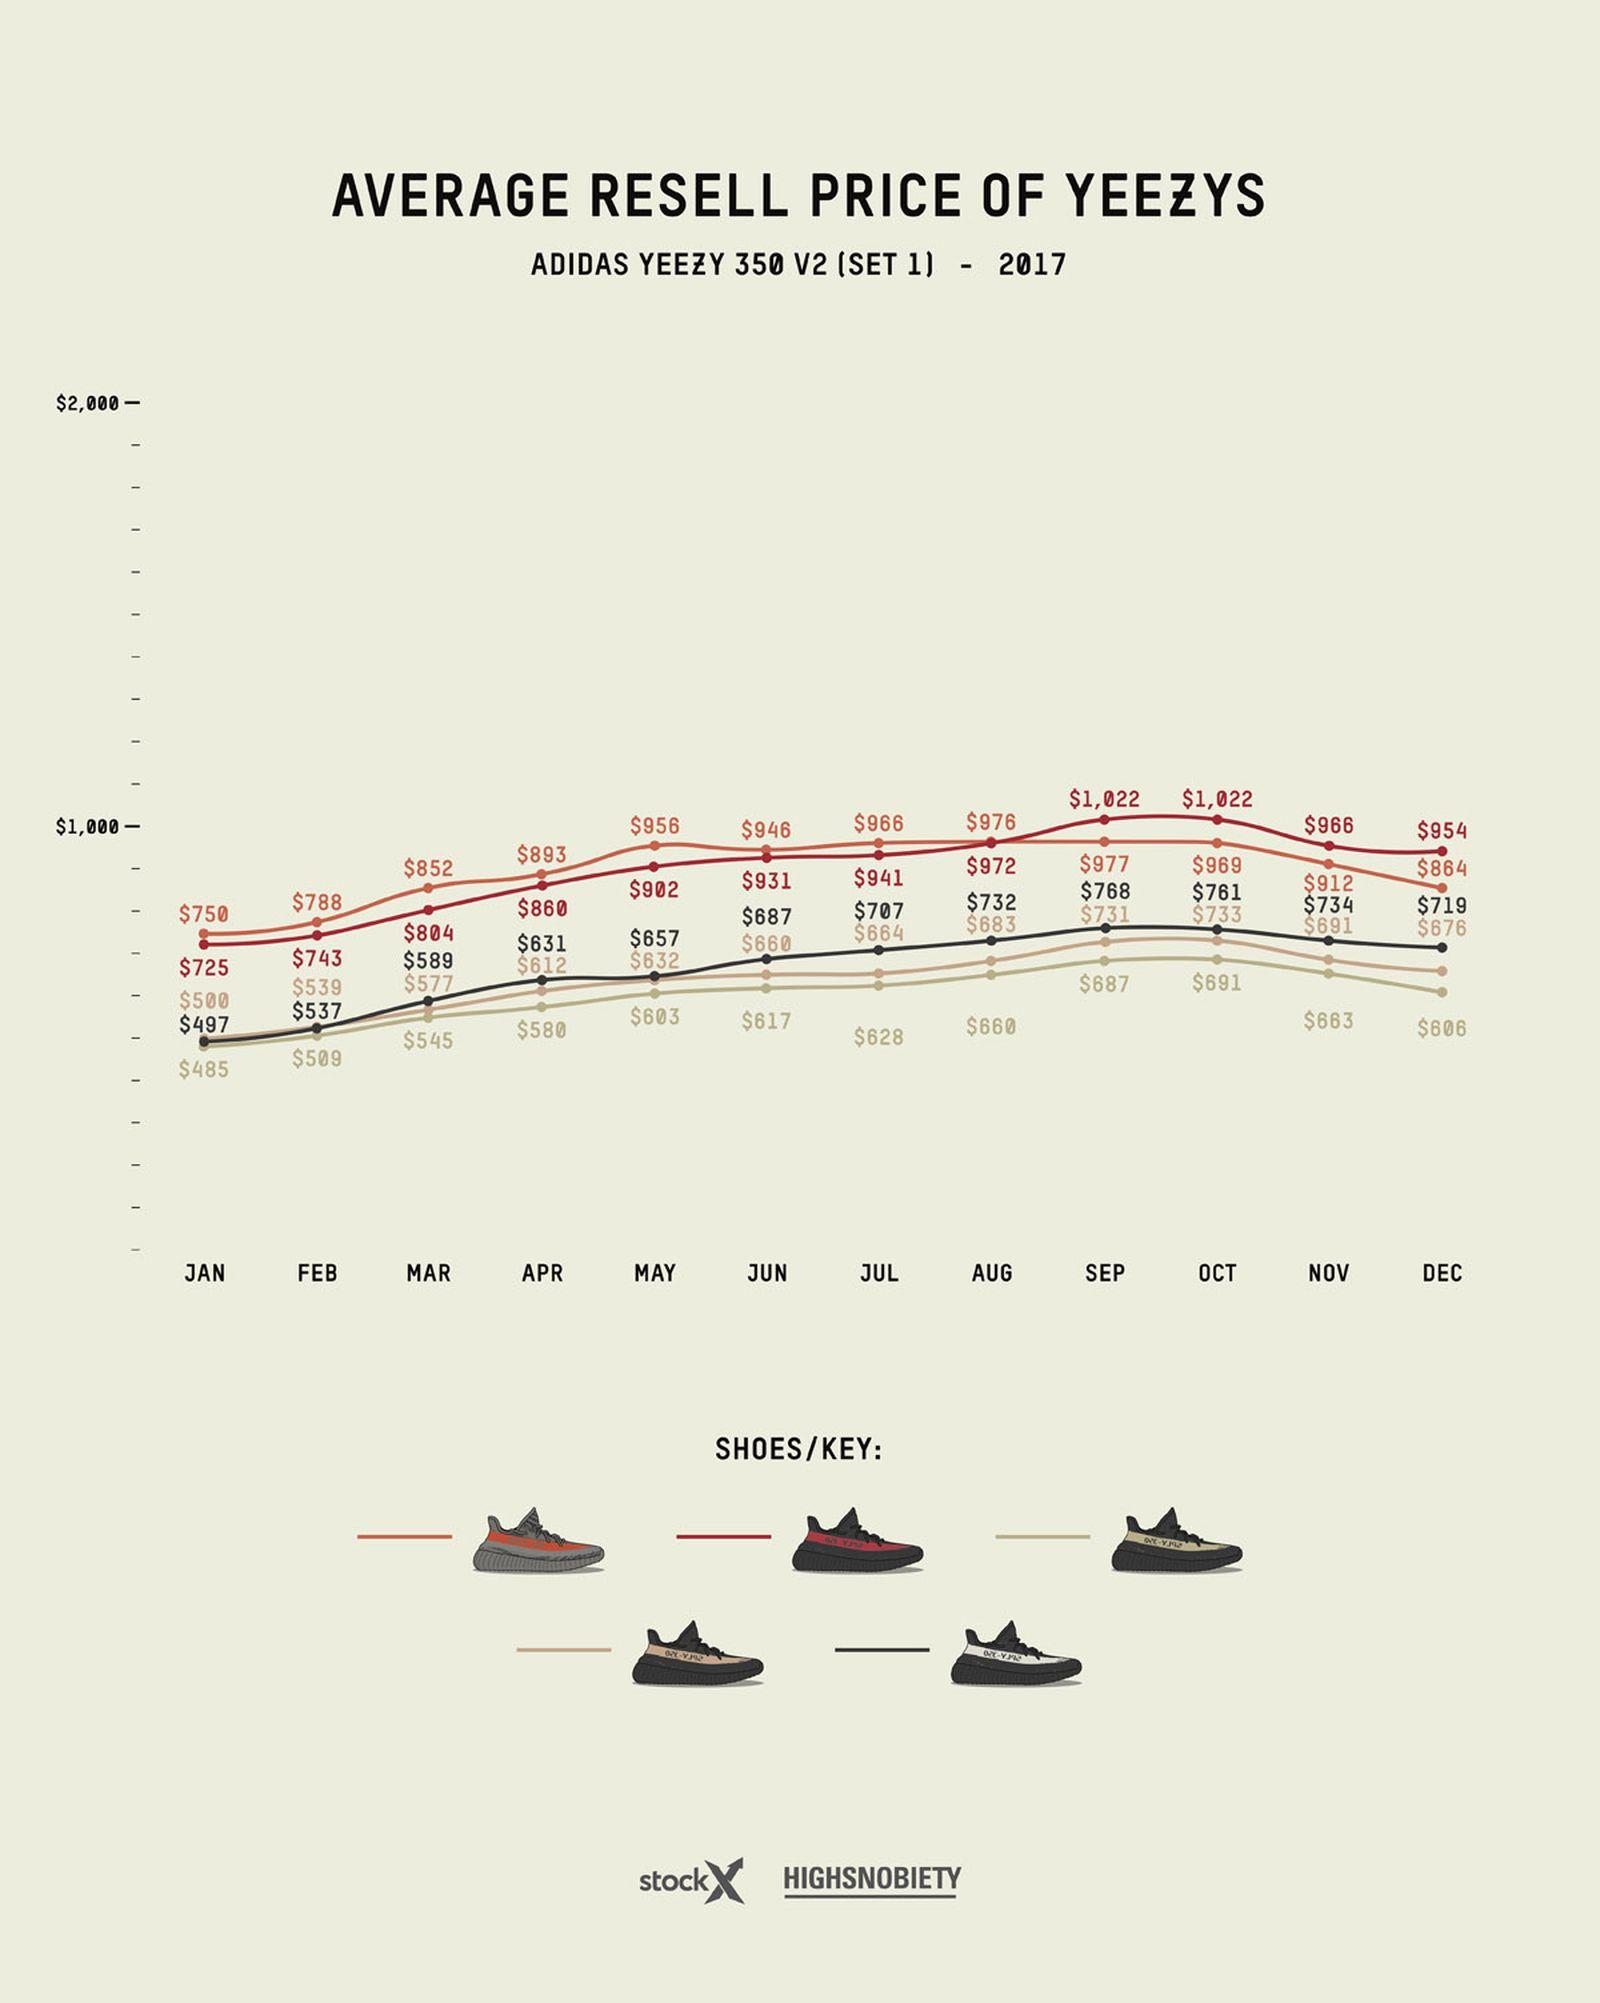 adidas yeezy guide 2019 live 5 Grailed StockX adidas Originals